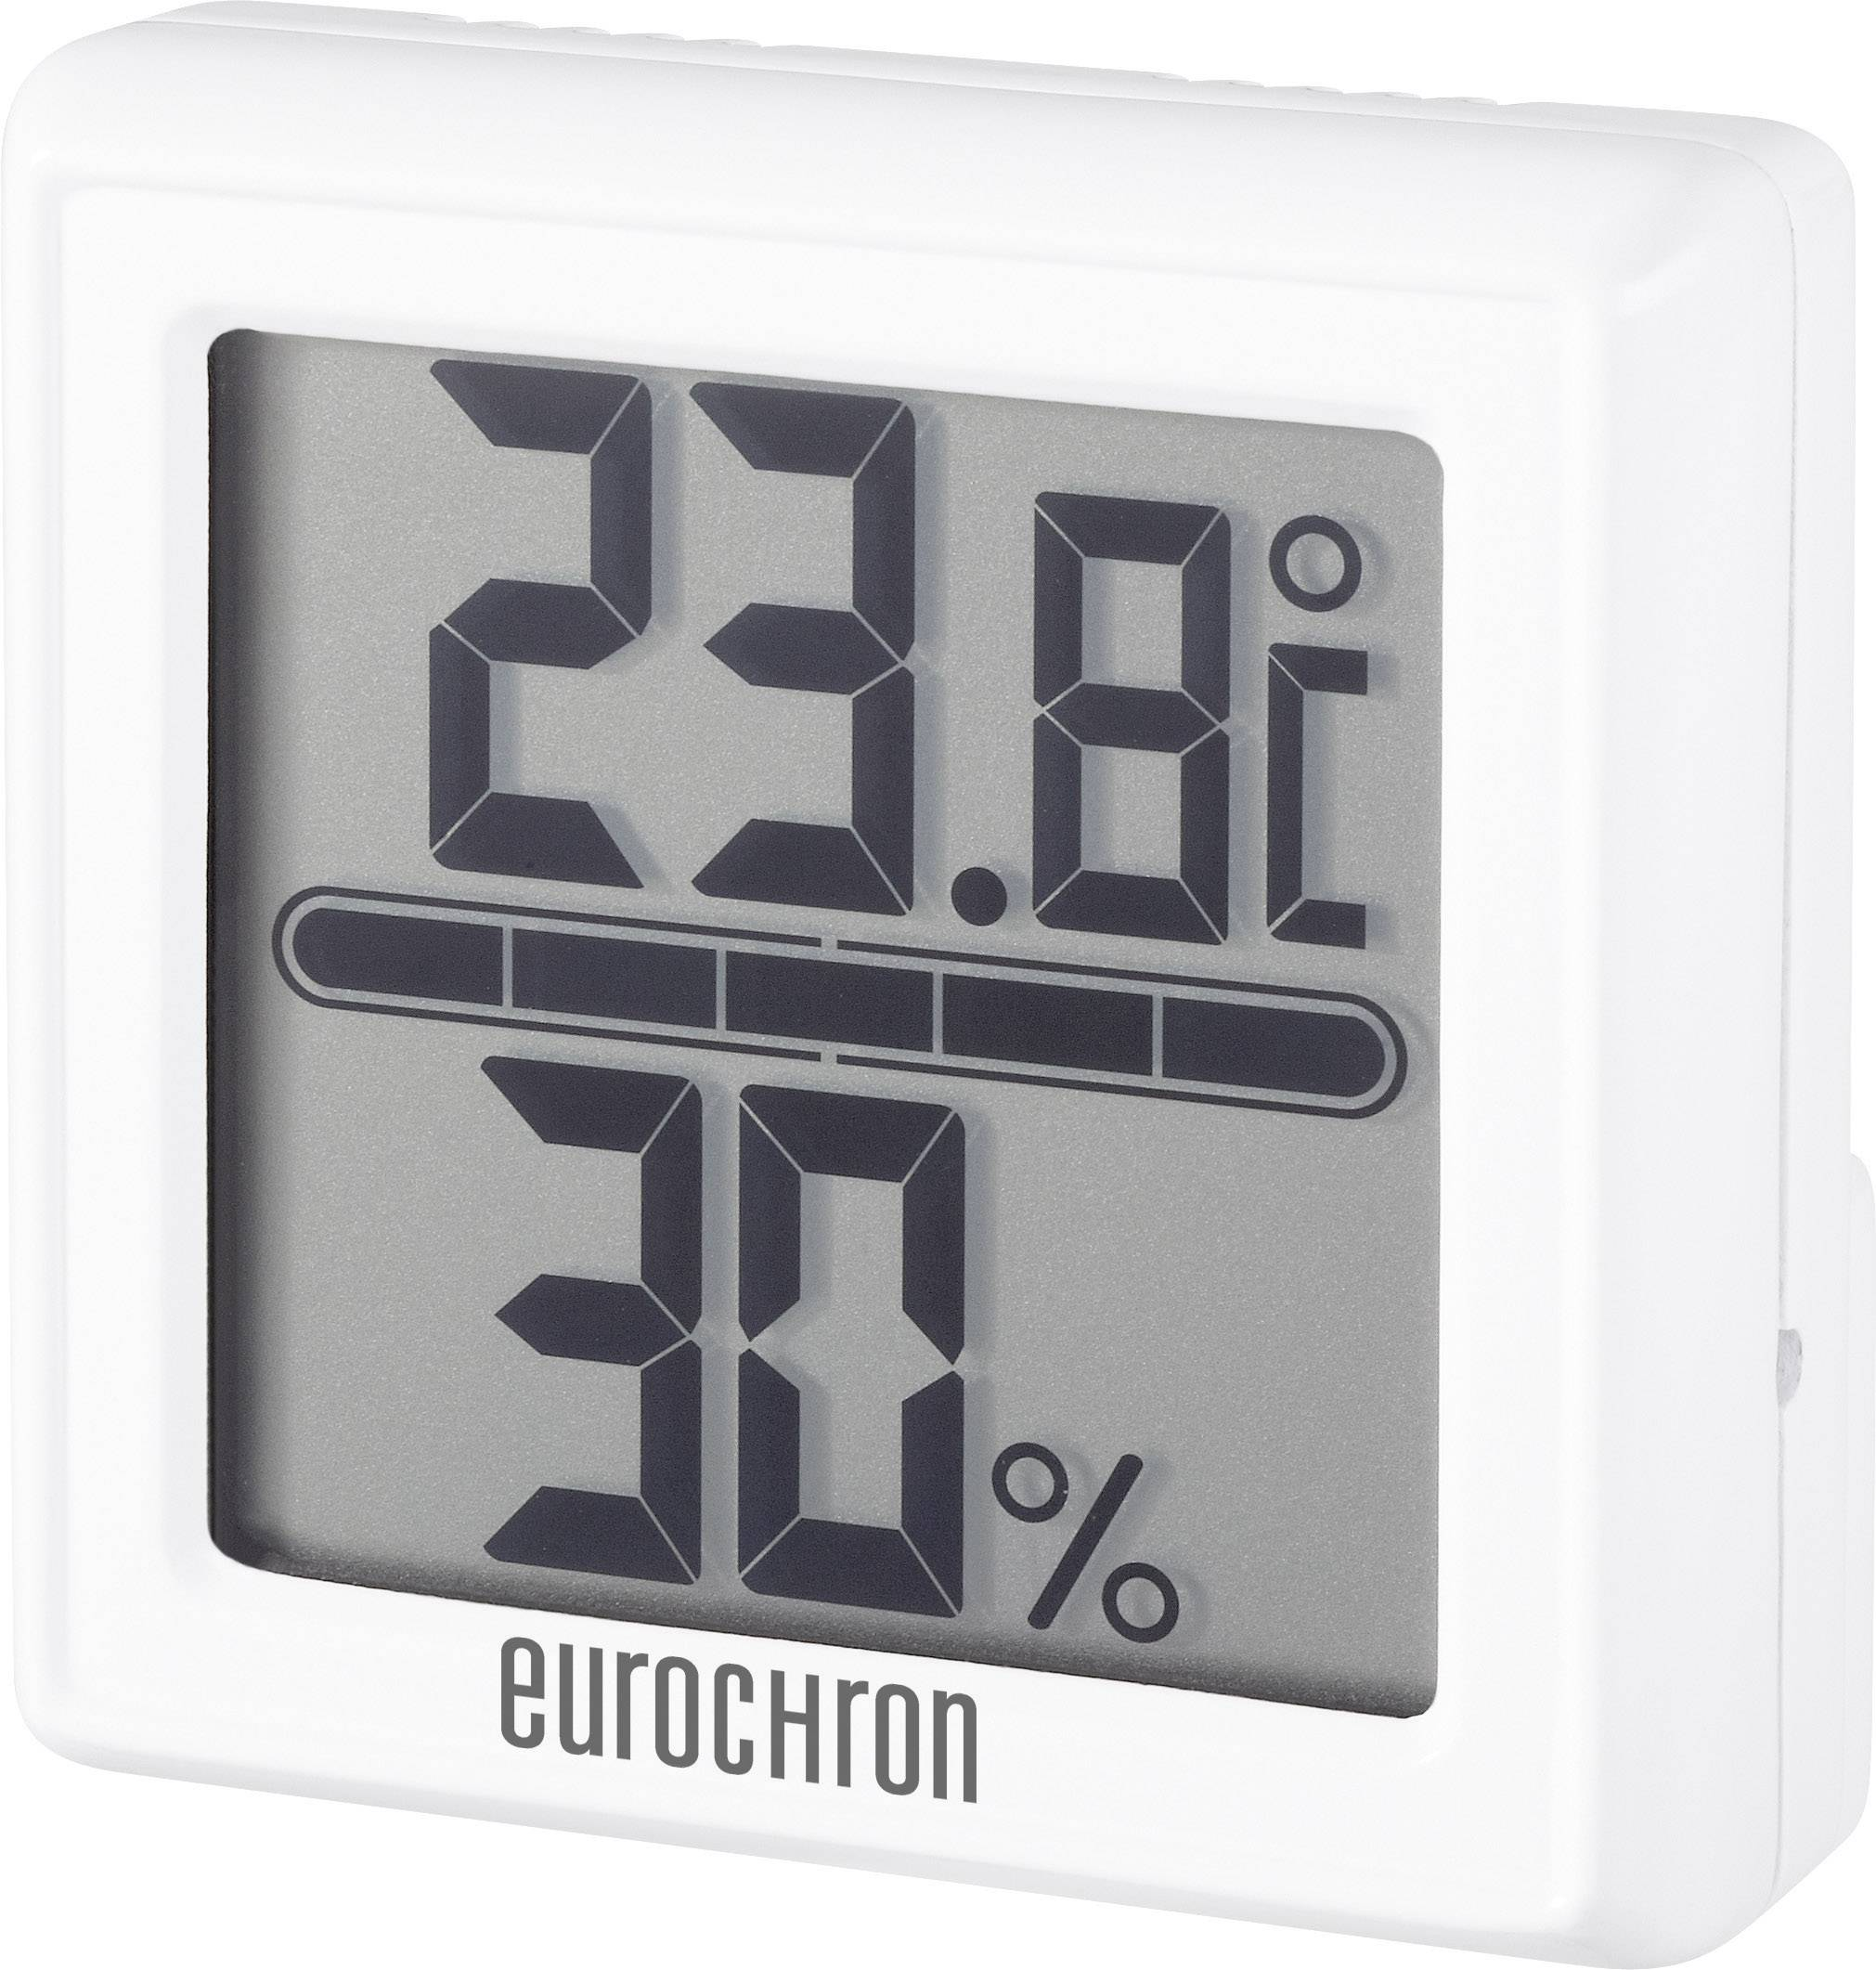 Mini teploměr/vlhkoměr, Eurochron ETH 5500